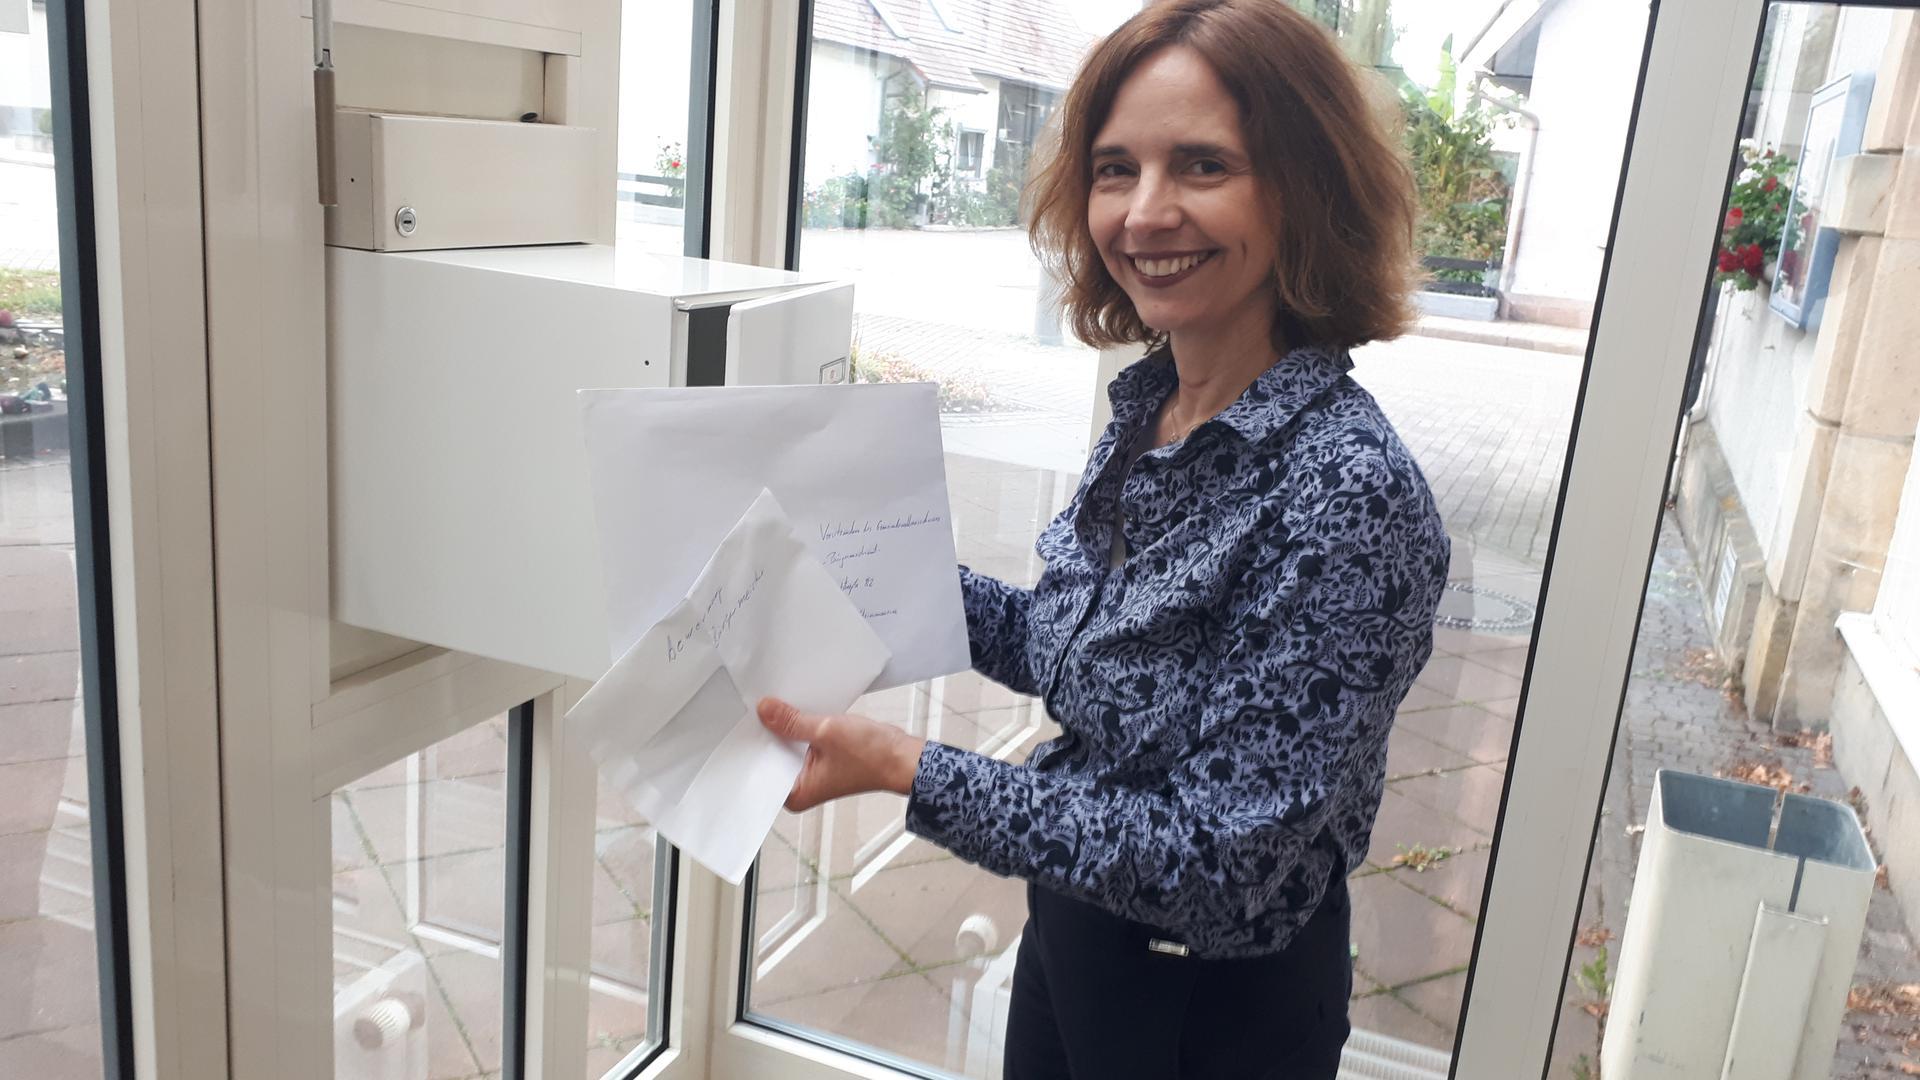 Da sind es plötzlich drei: Steinmauerns Hauptamtsleiterin Julia Hangs hat am Montagabend um 18 Uhr noch zwei Bewerbungsumschläge für die Bürgermeisterwahl aus dem Briefkasten geholt.